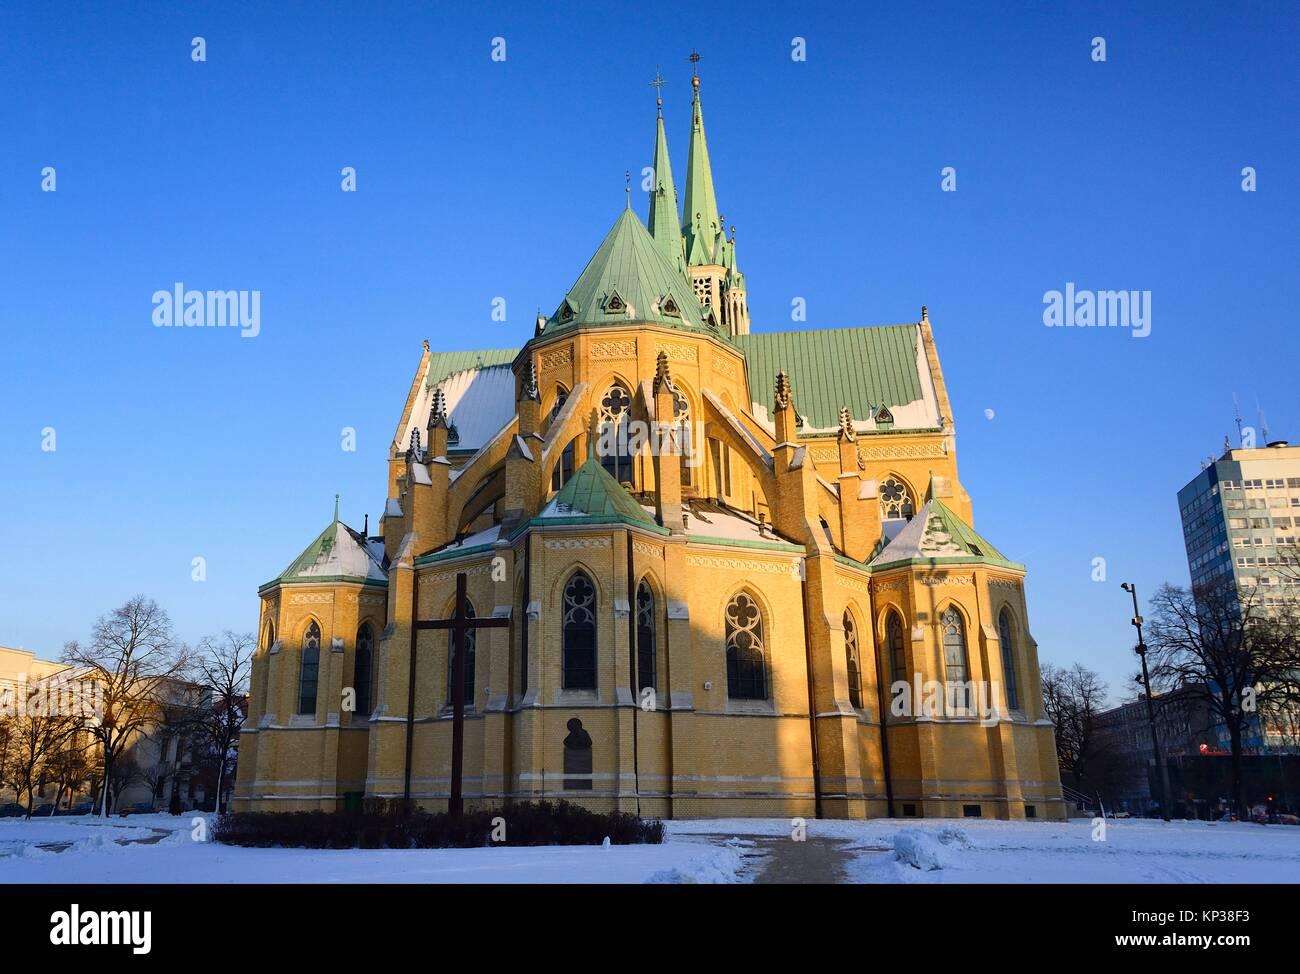 Archcathedral Basilica of St. Stanislaus Kostka in Lodz, Bazylika archikatedralna sw. Stanislawa Kostki w Lodzi, - Stock Image